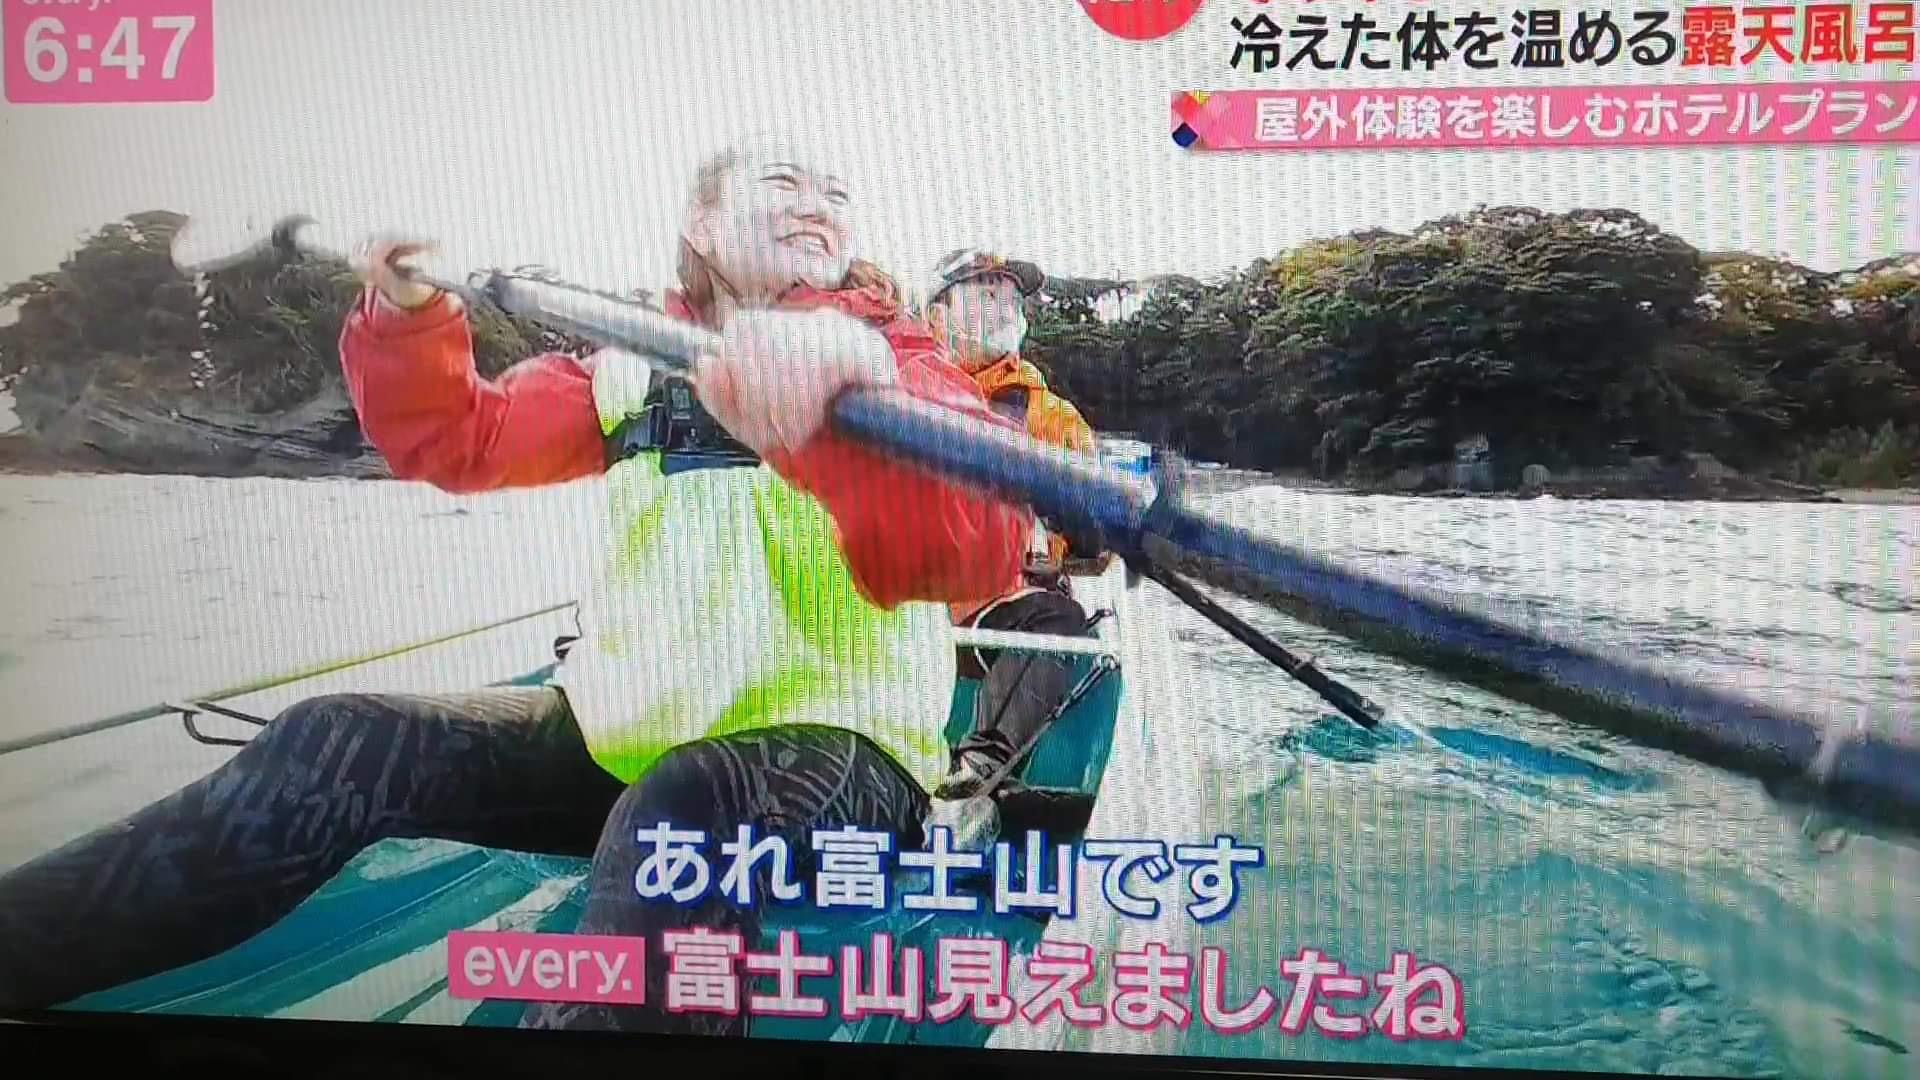 日本テレビnews everyで紹介されました